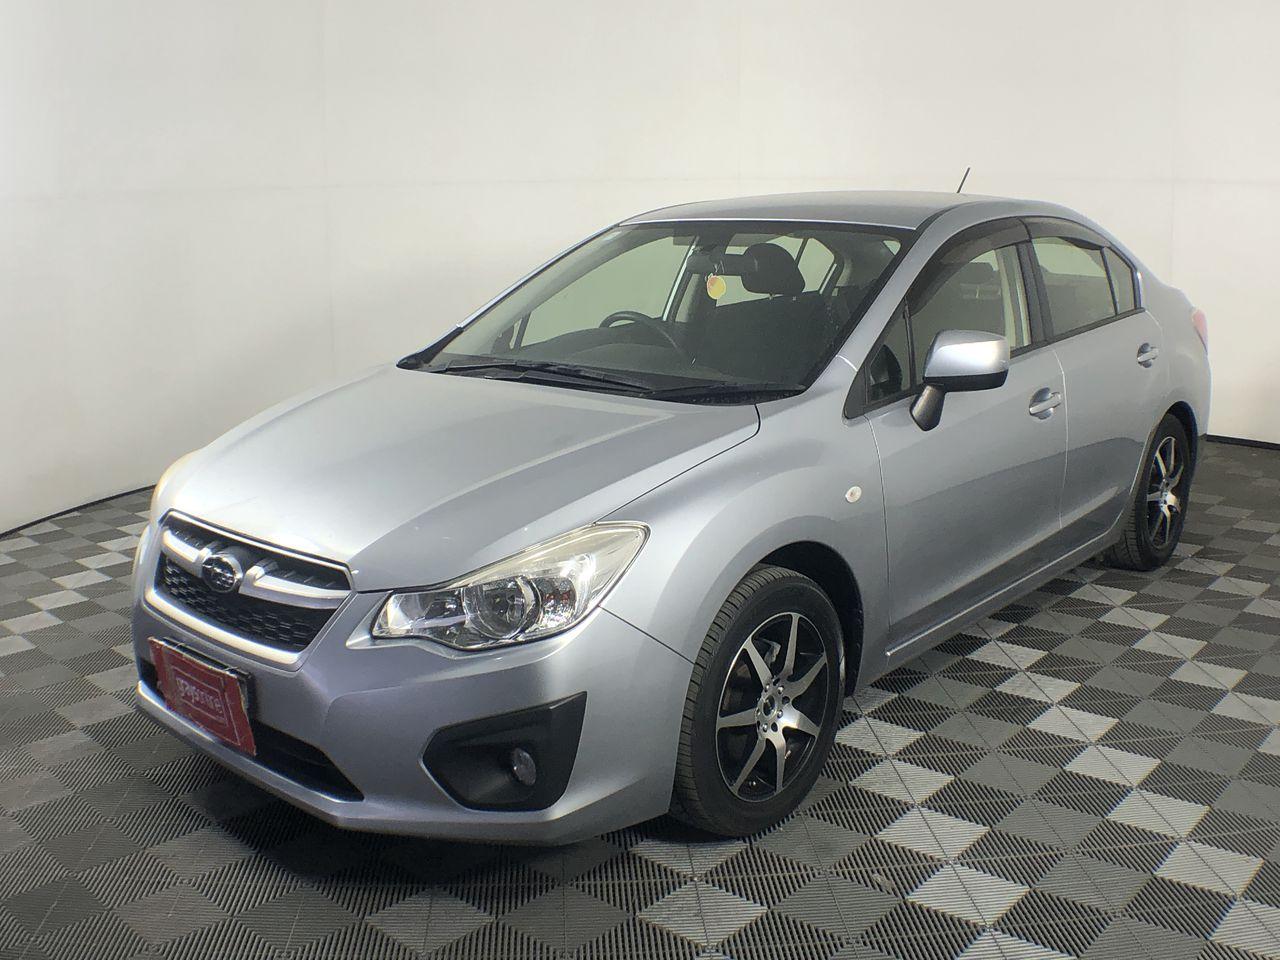 2012 Subaru Impreza 2.0i (AWD) G4 CVT Sedan